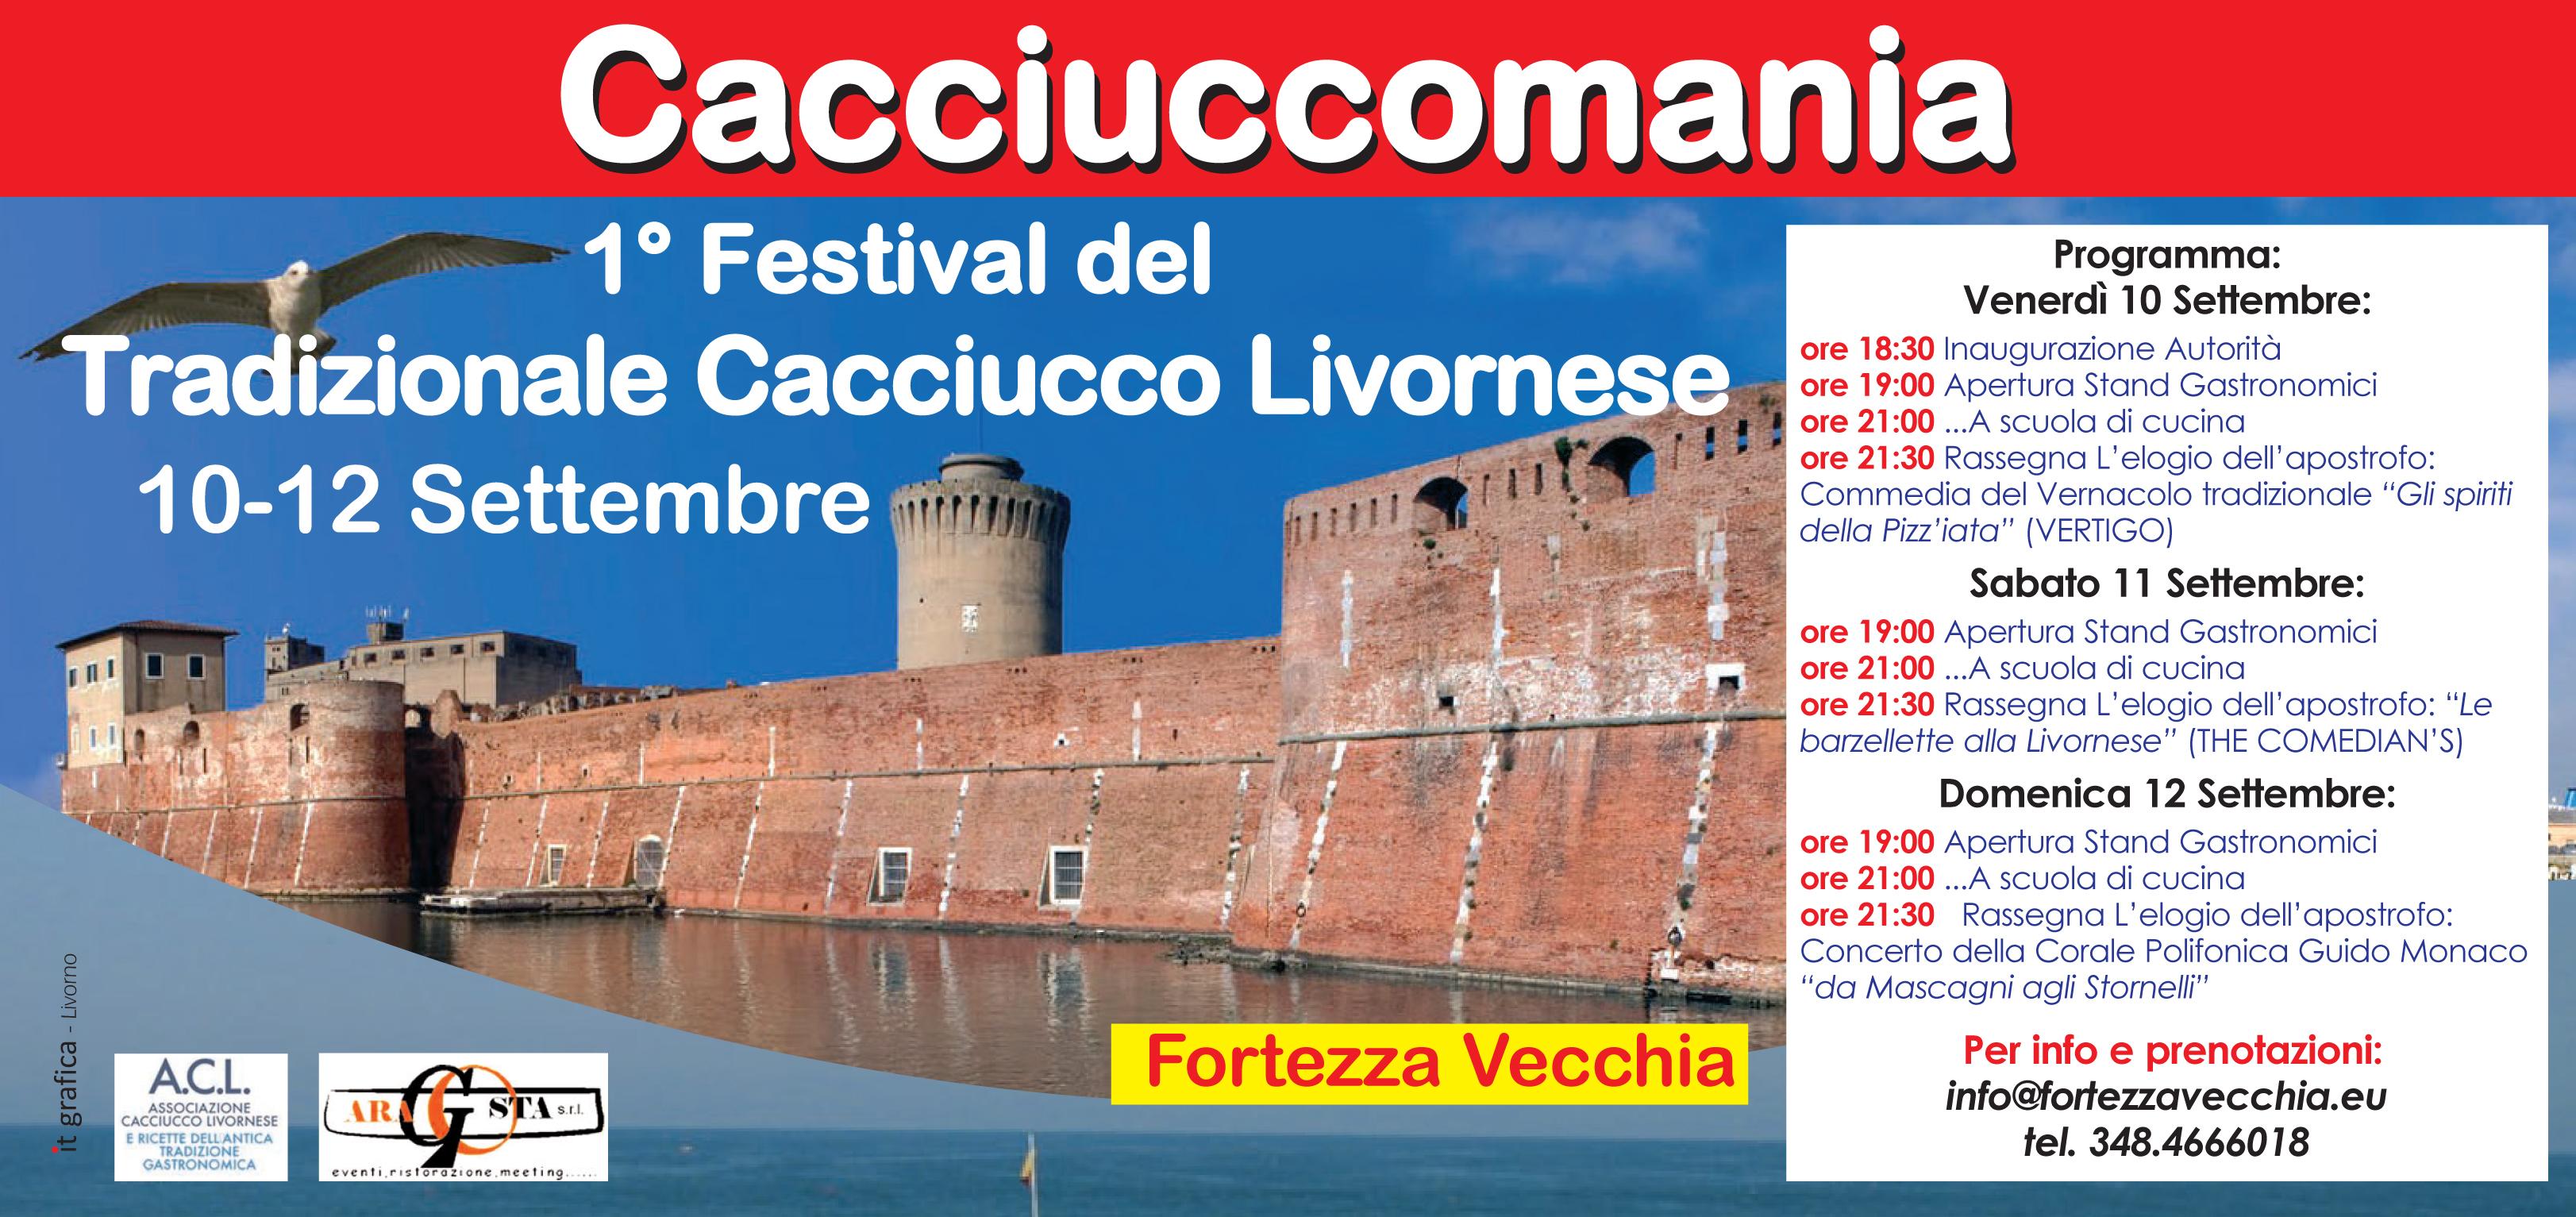 Scuola di Cucina in CACCIUCCOMANIA 1°festival del vero cacciucco Livornese